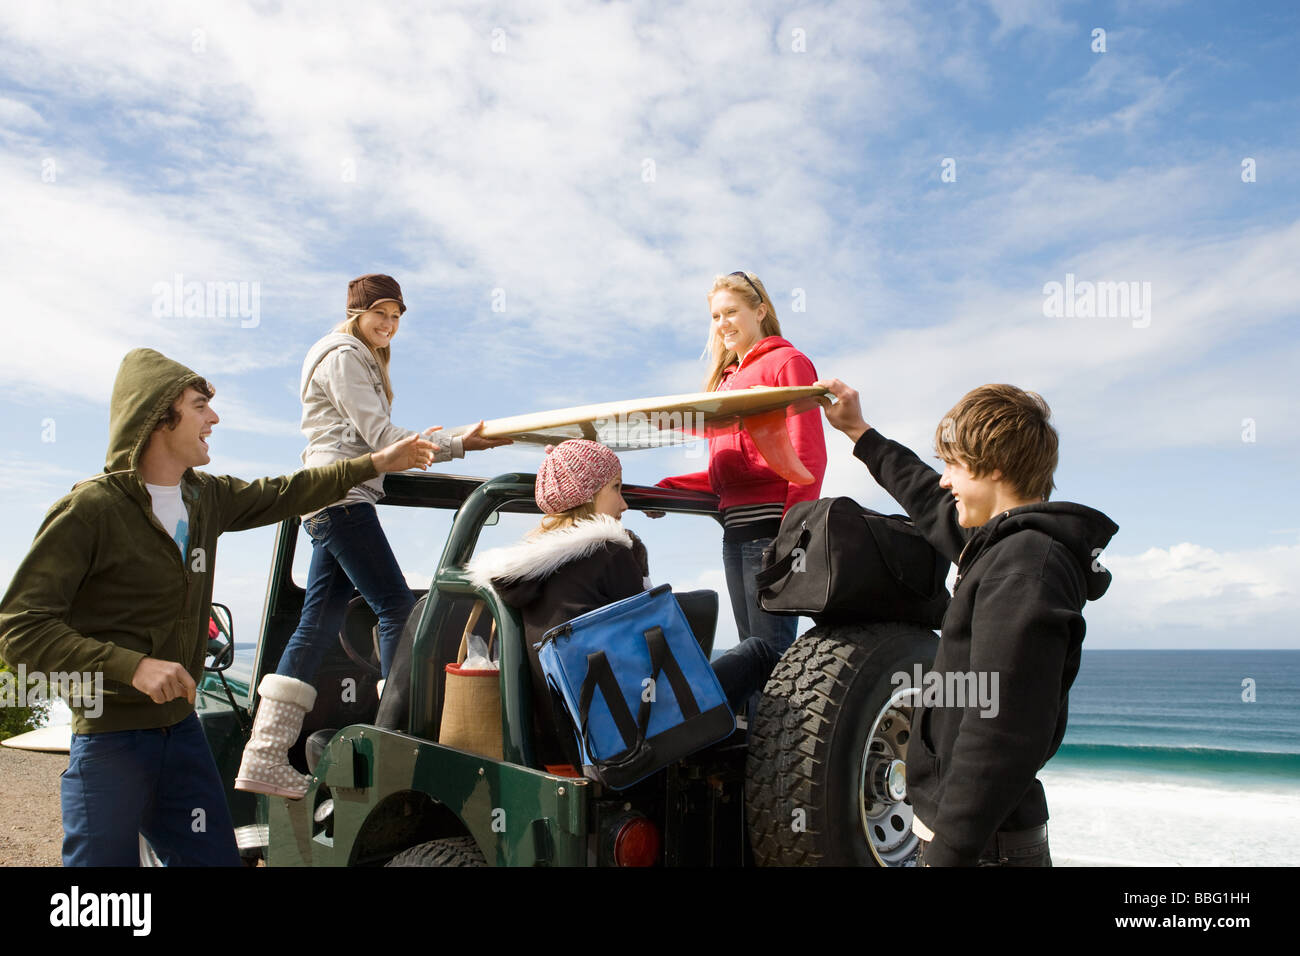 Surfer-Freunde an der Küste Stockbild